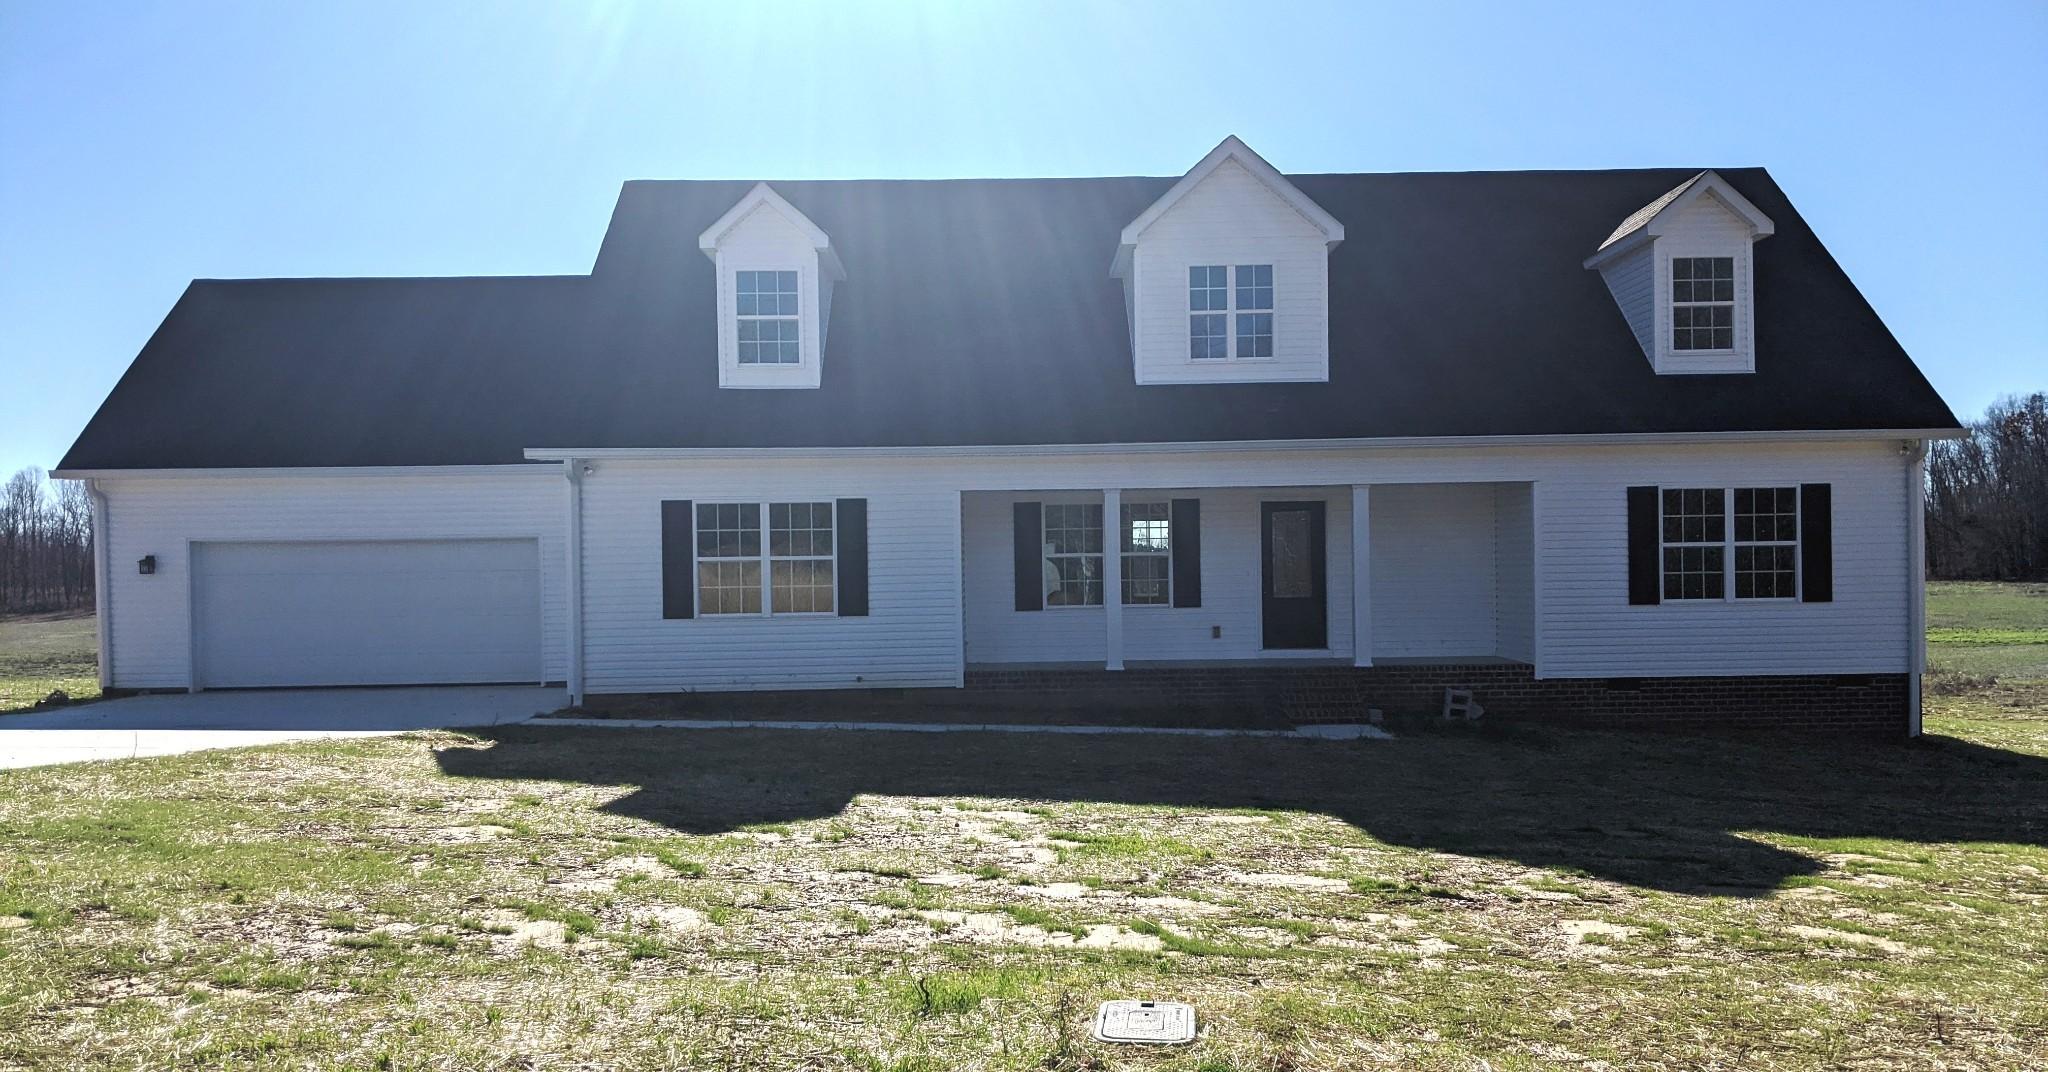 Buffalo Farms Real Estate Listings Main Image